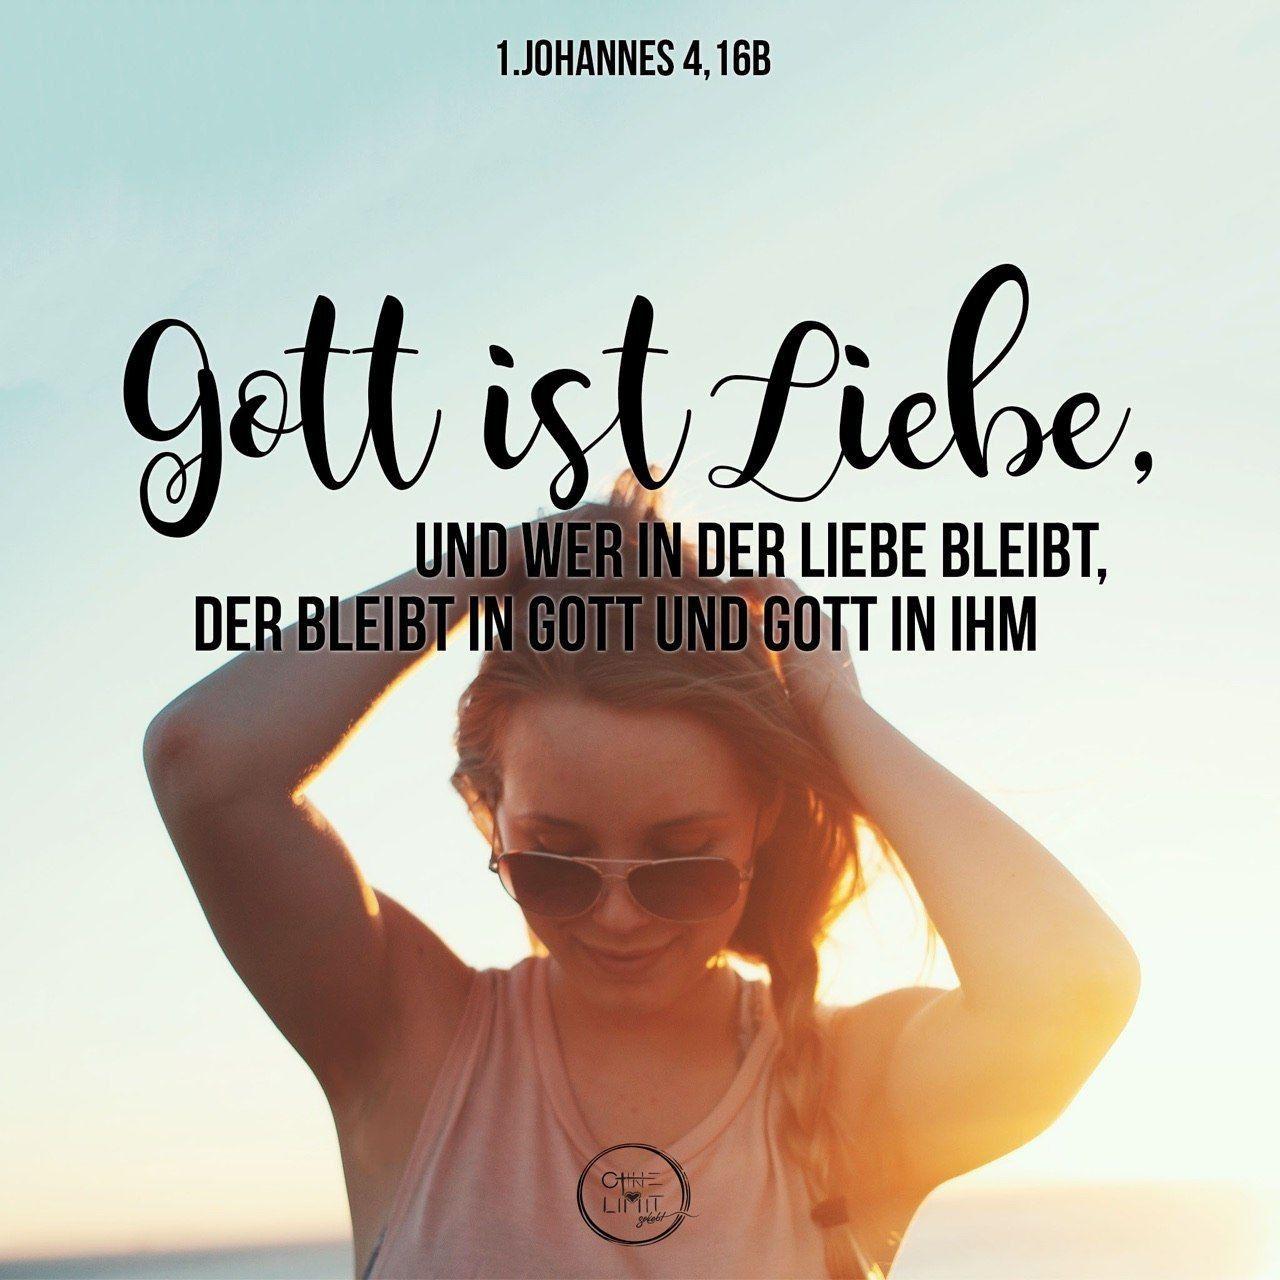 #liebe#vers#bibel#johannes#verseoftheday#ohnelimitgeliebt